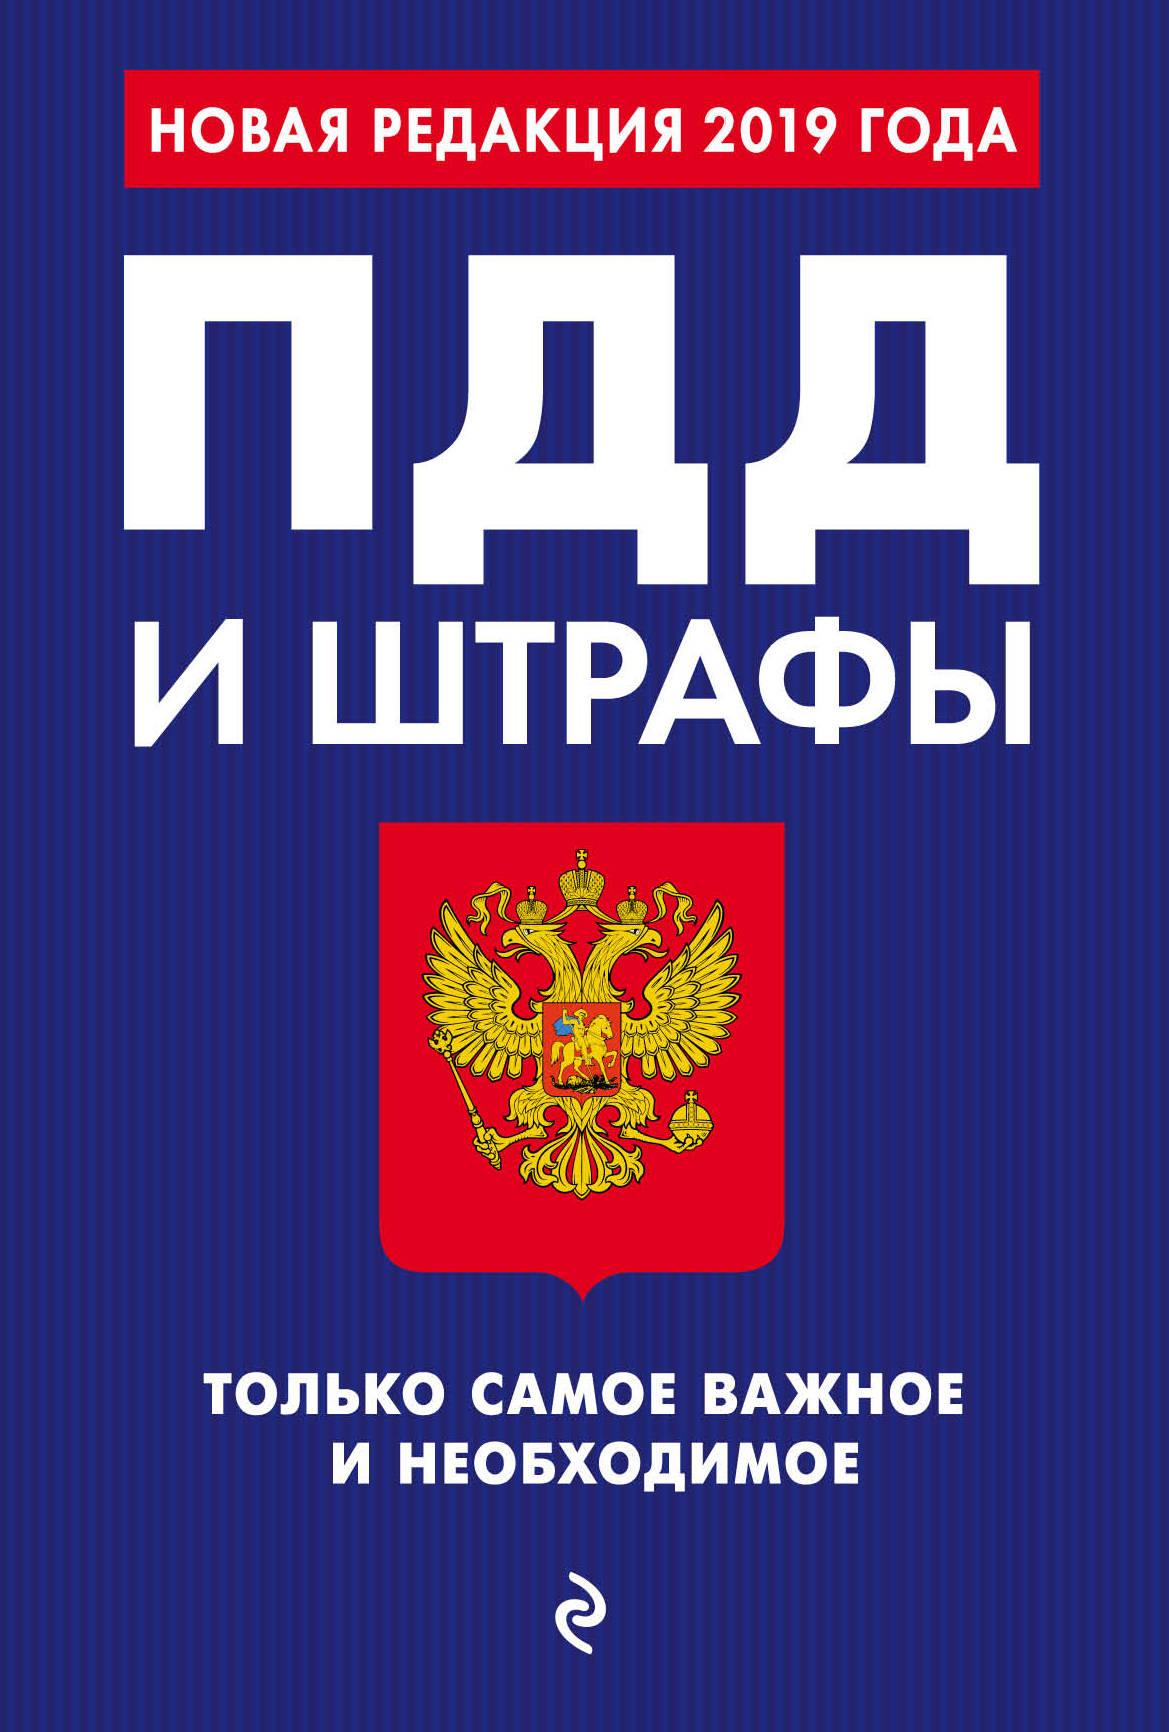 пдд российской федерации удобным будет вариант